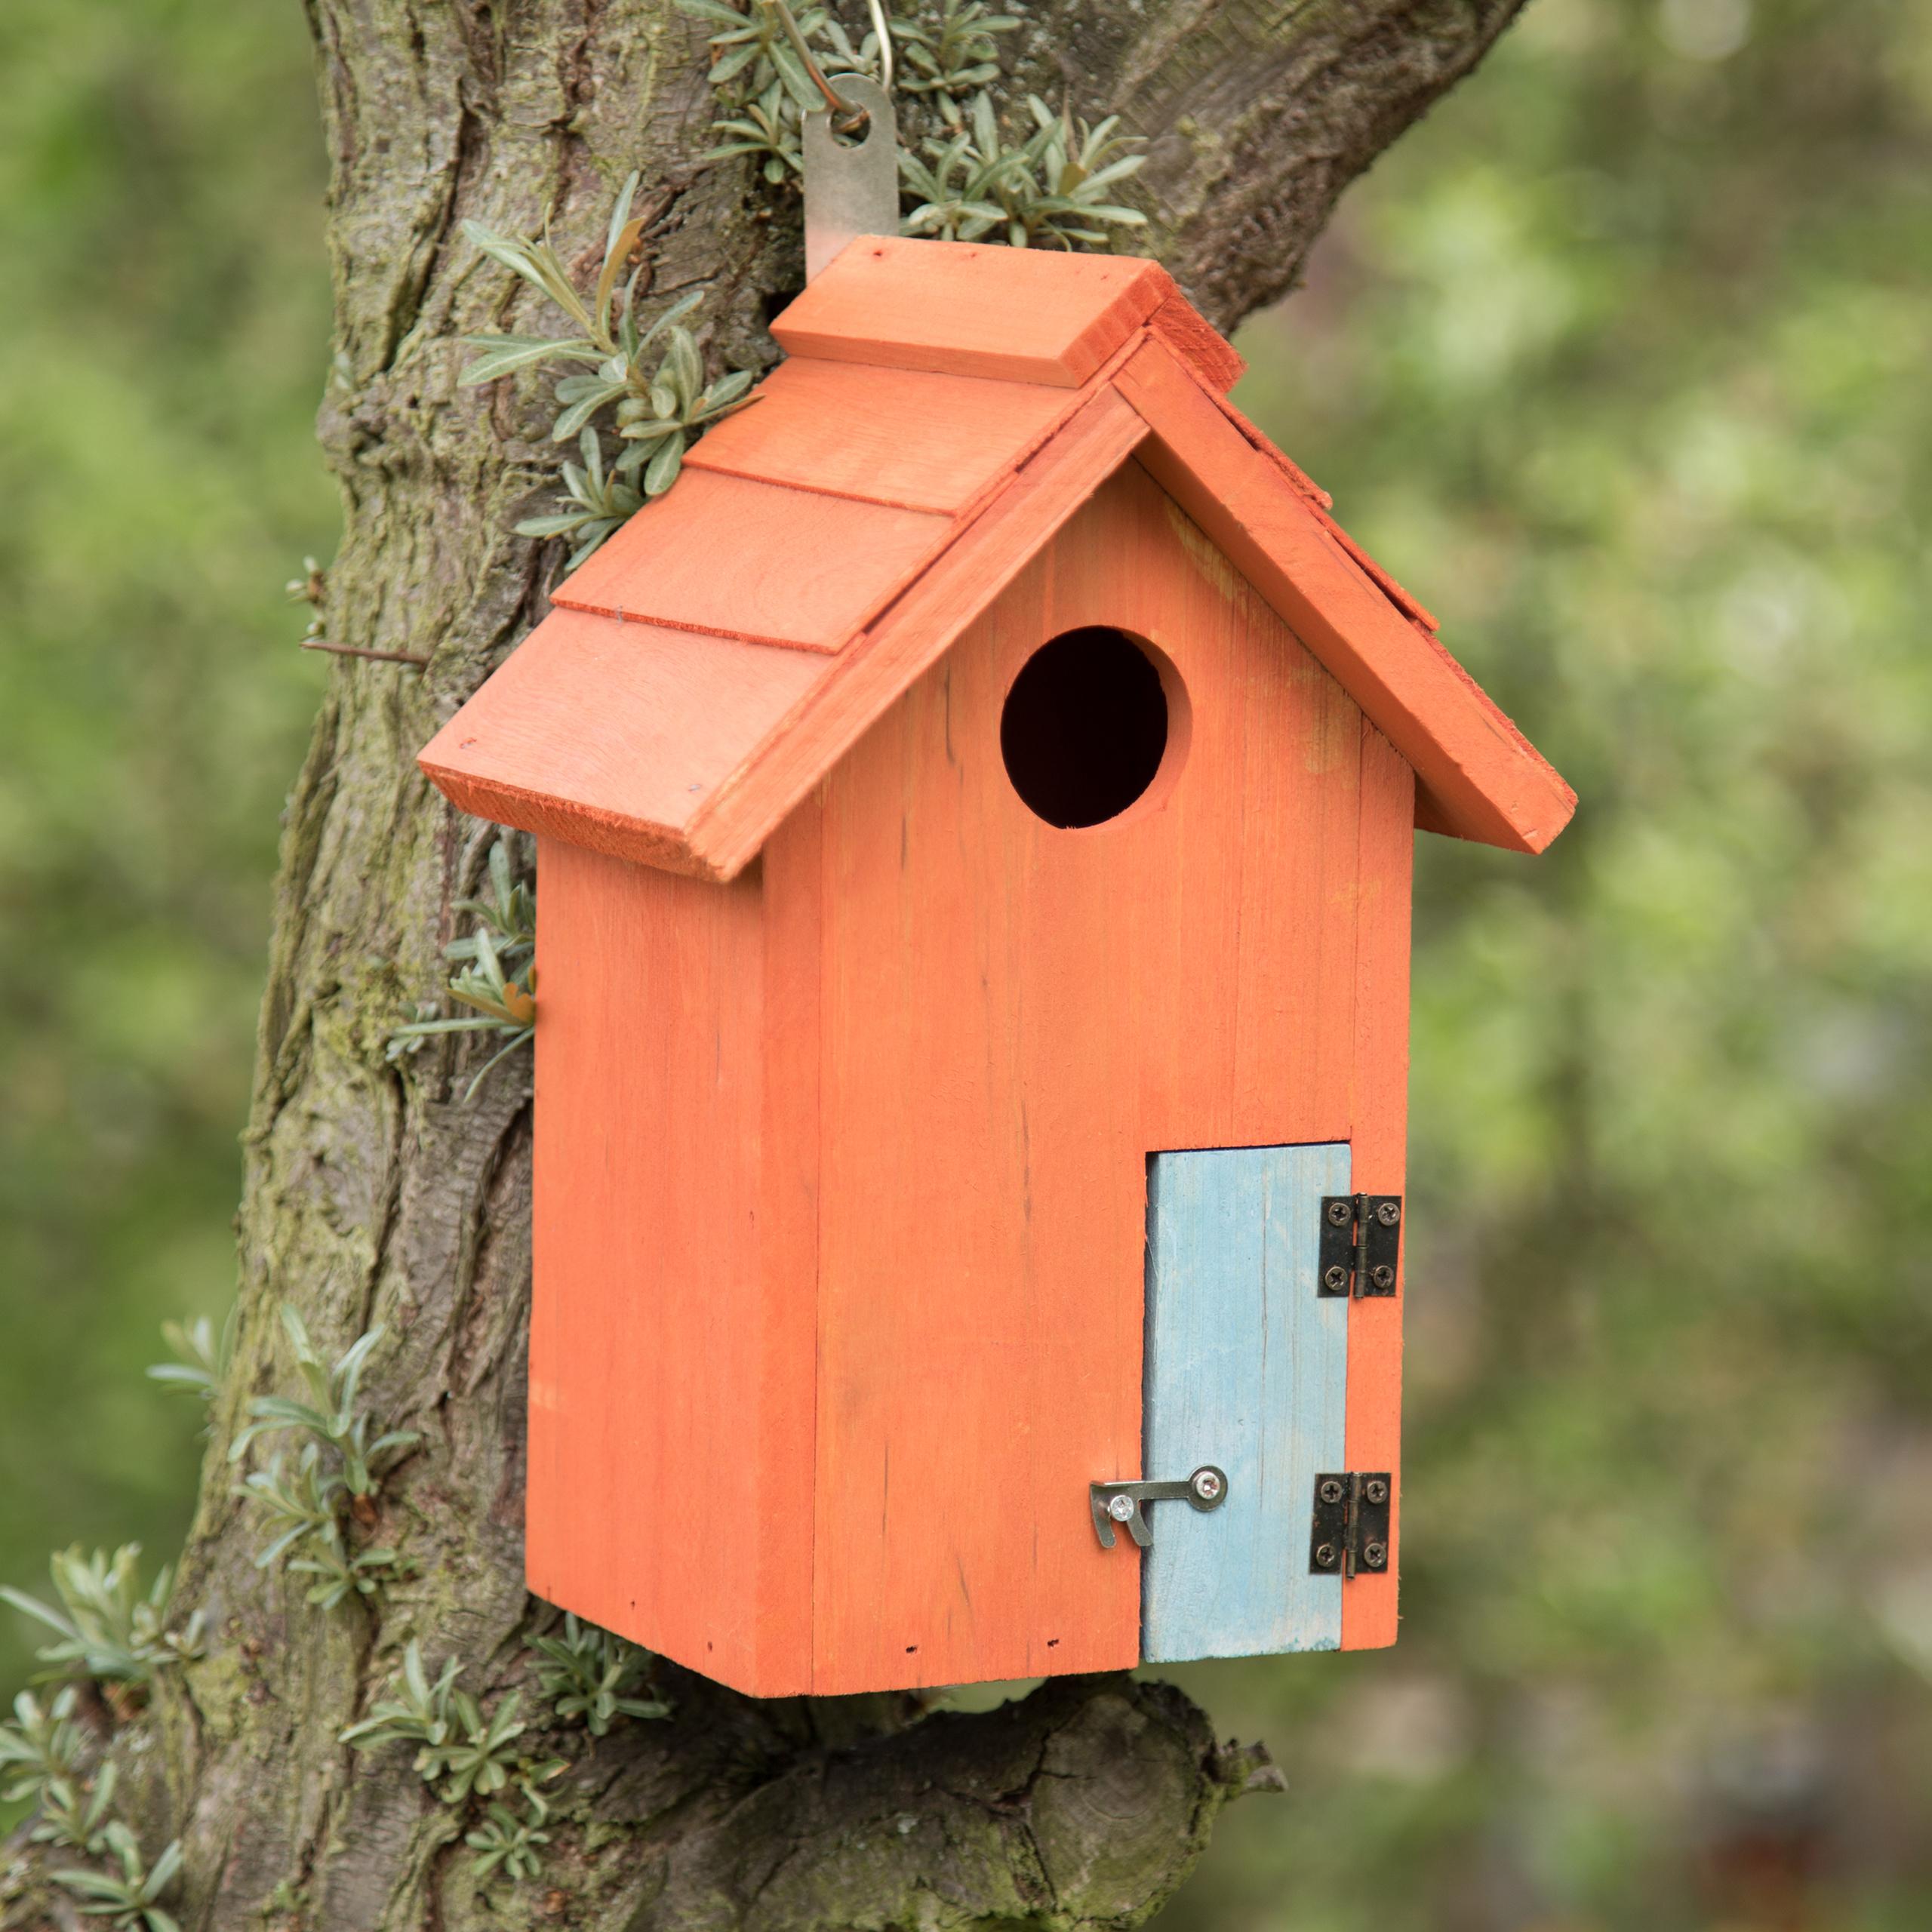 Vogelhaus Nistkasten aus Holz in Häuschenform mit Tür für Kleinvögel farbig